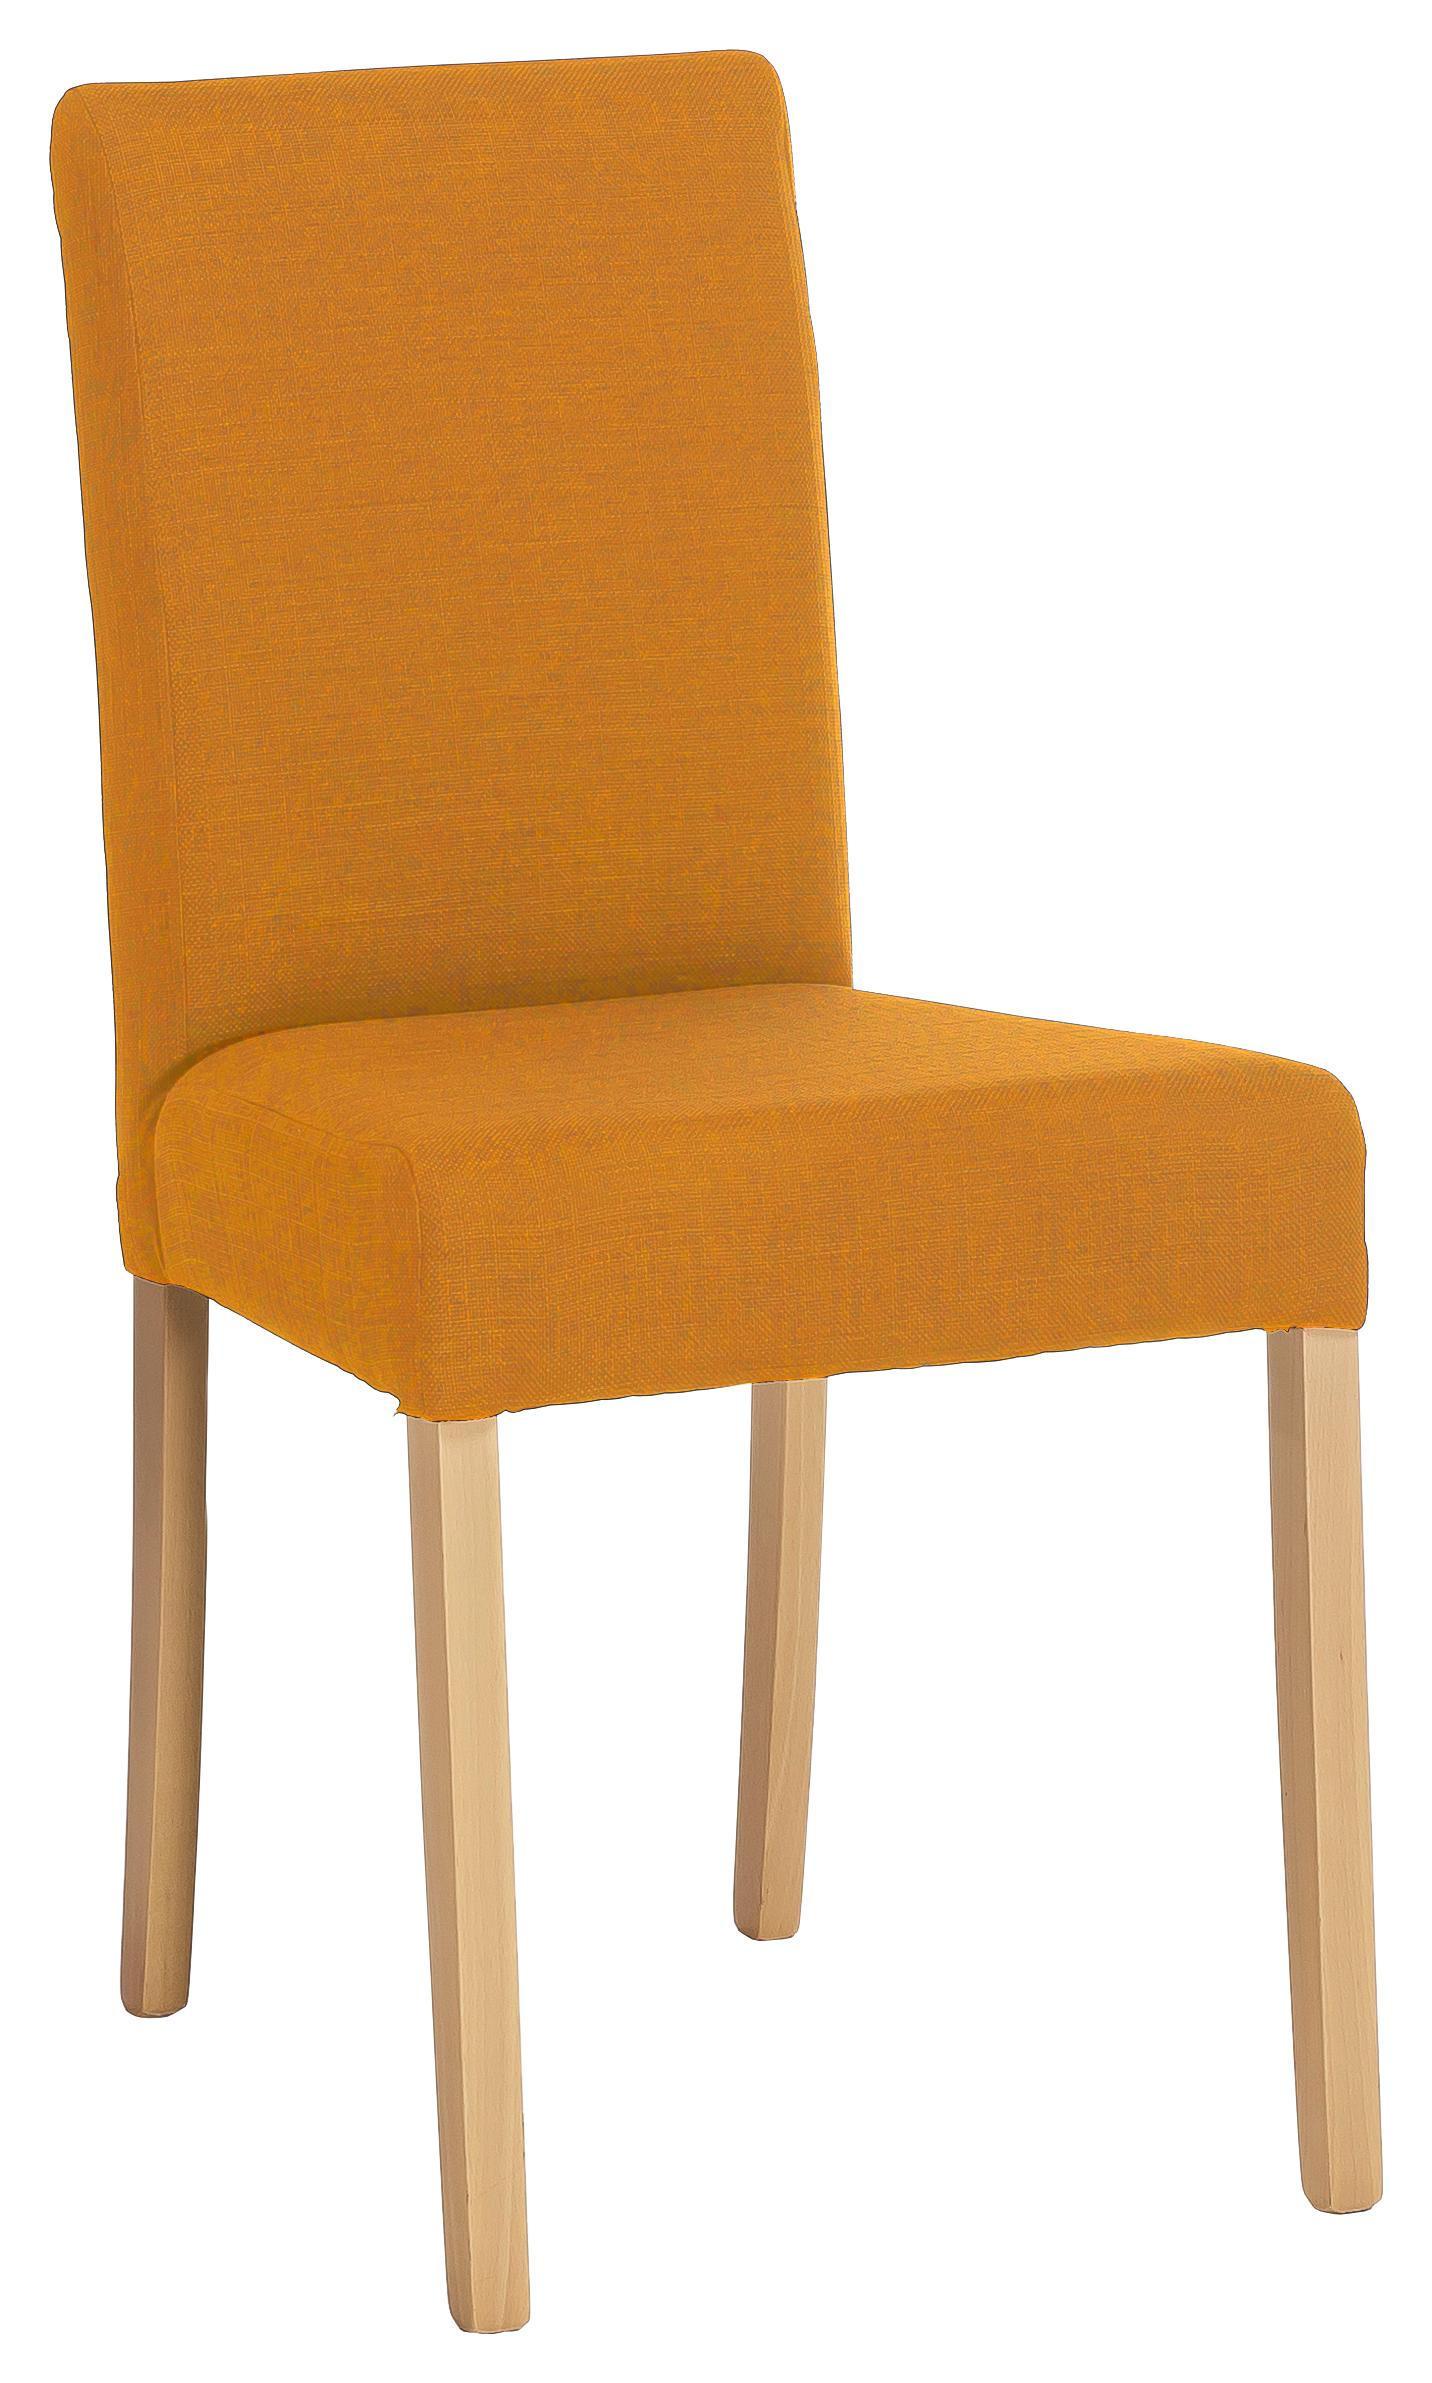 Stuhl Flachgewebe Gelb Buchefarben Online Kaufen Xxxlutz